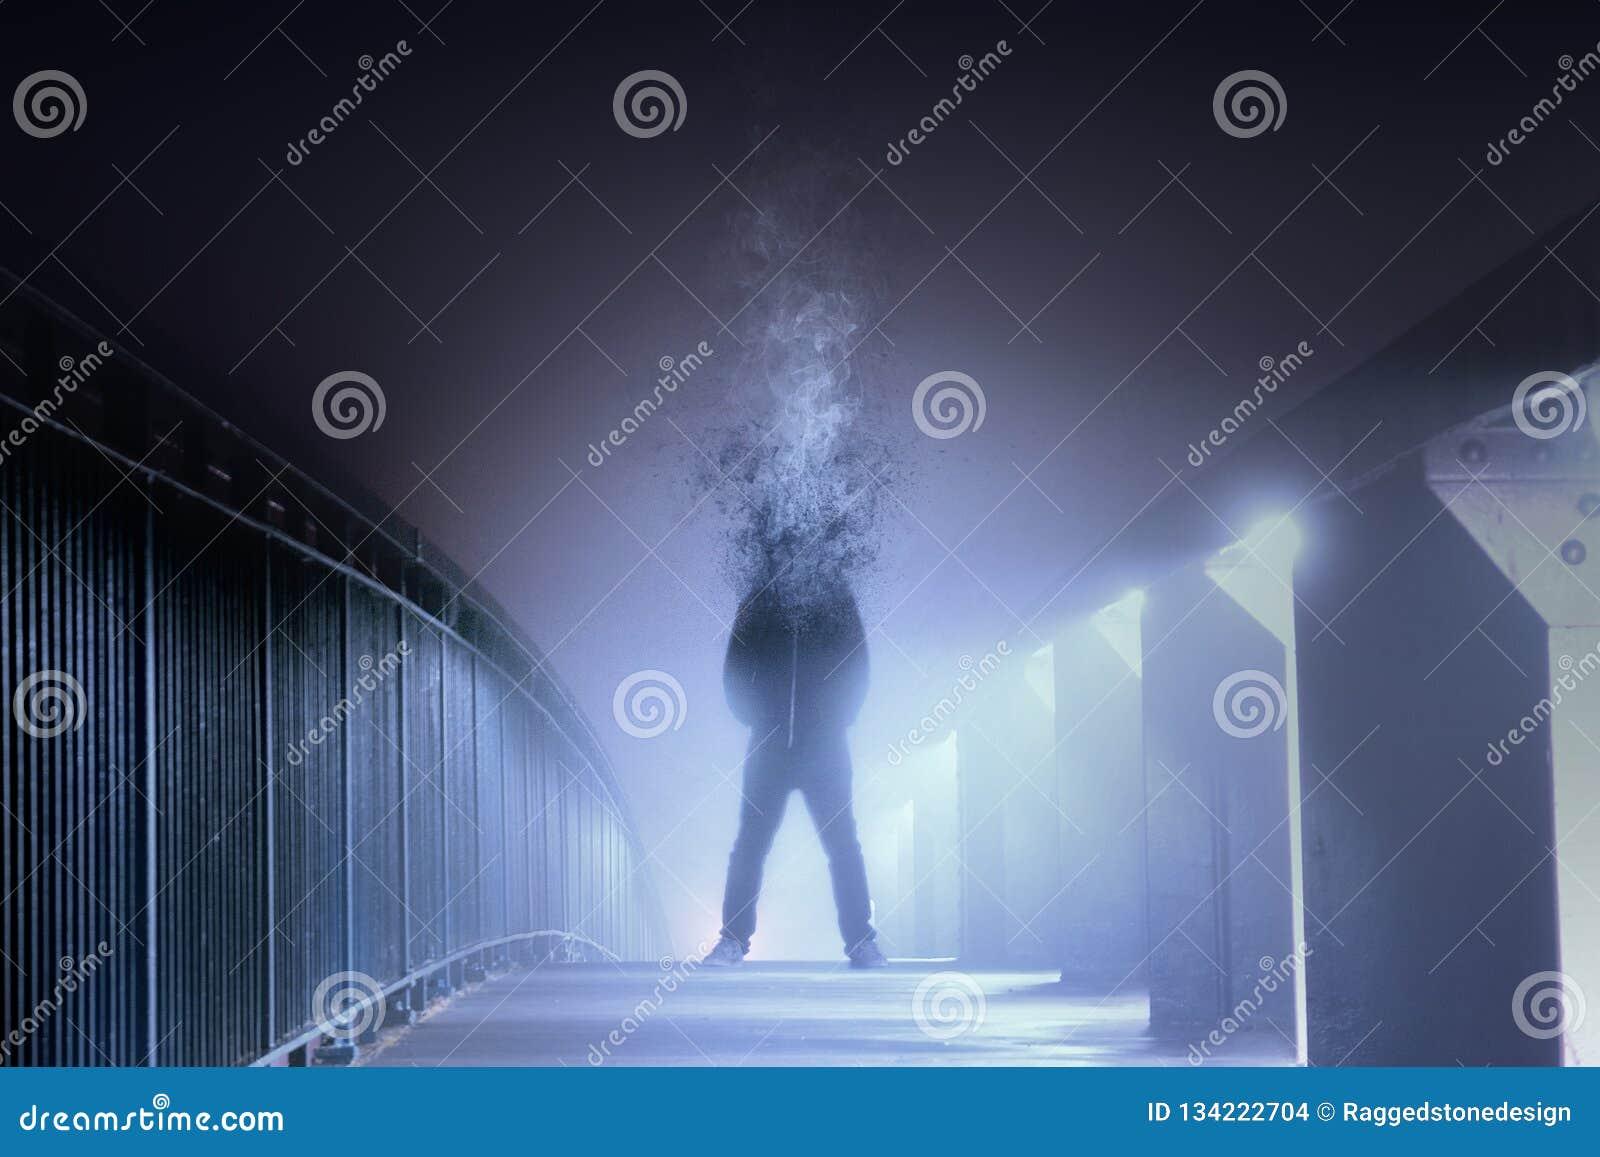 Un immagine digitale concettuale di arte di un uomo che è capo si è disintegrata e si trasformata in fumo, stante su un percorso